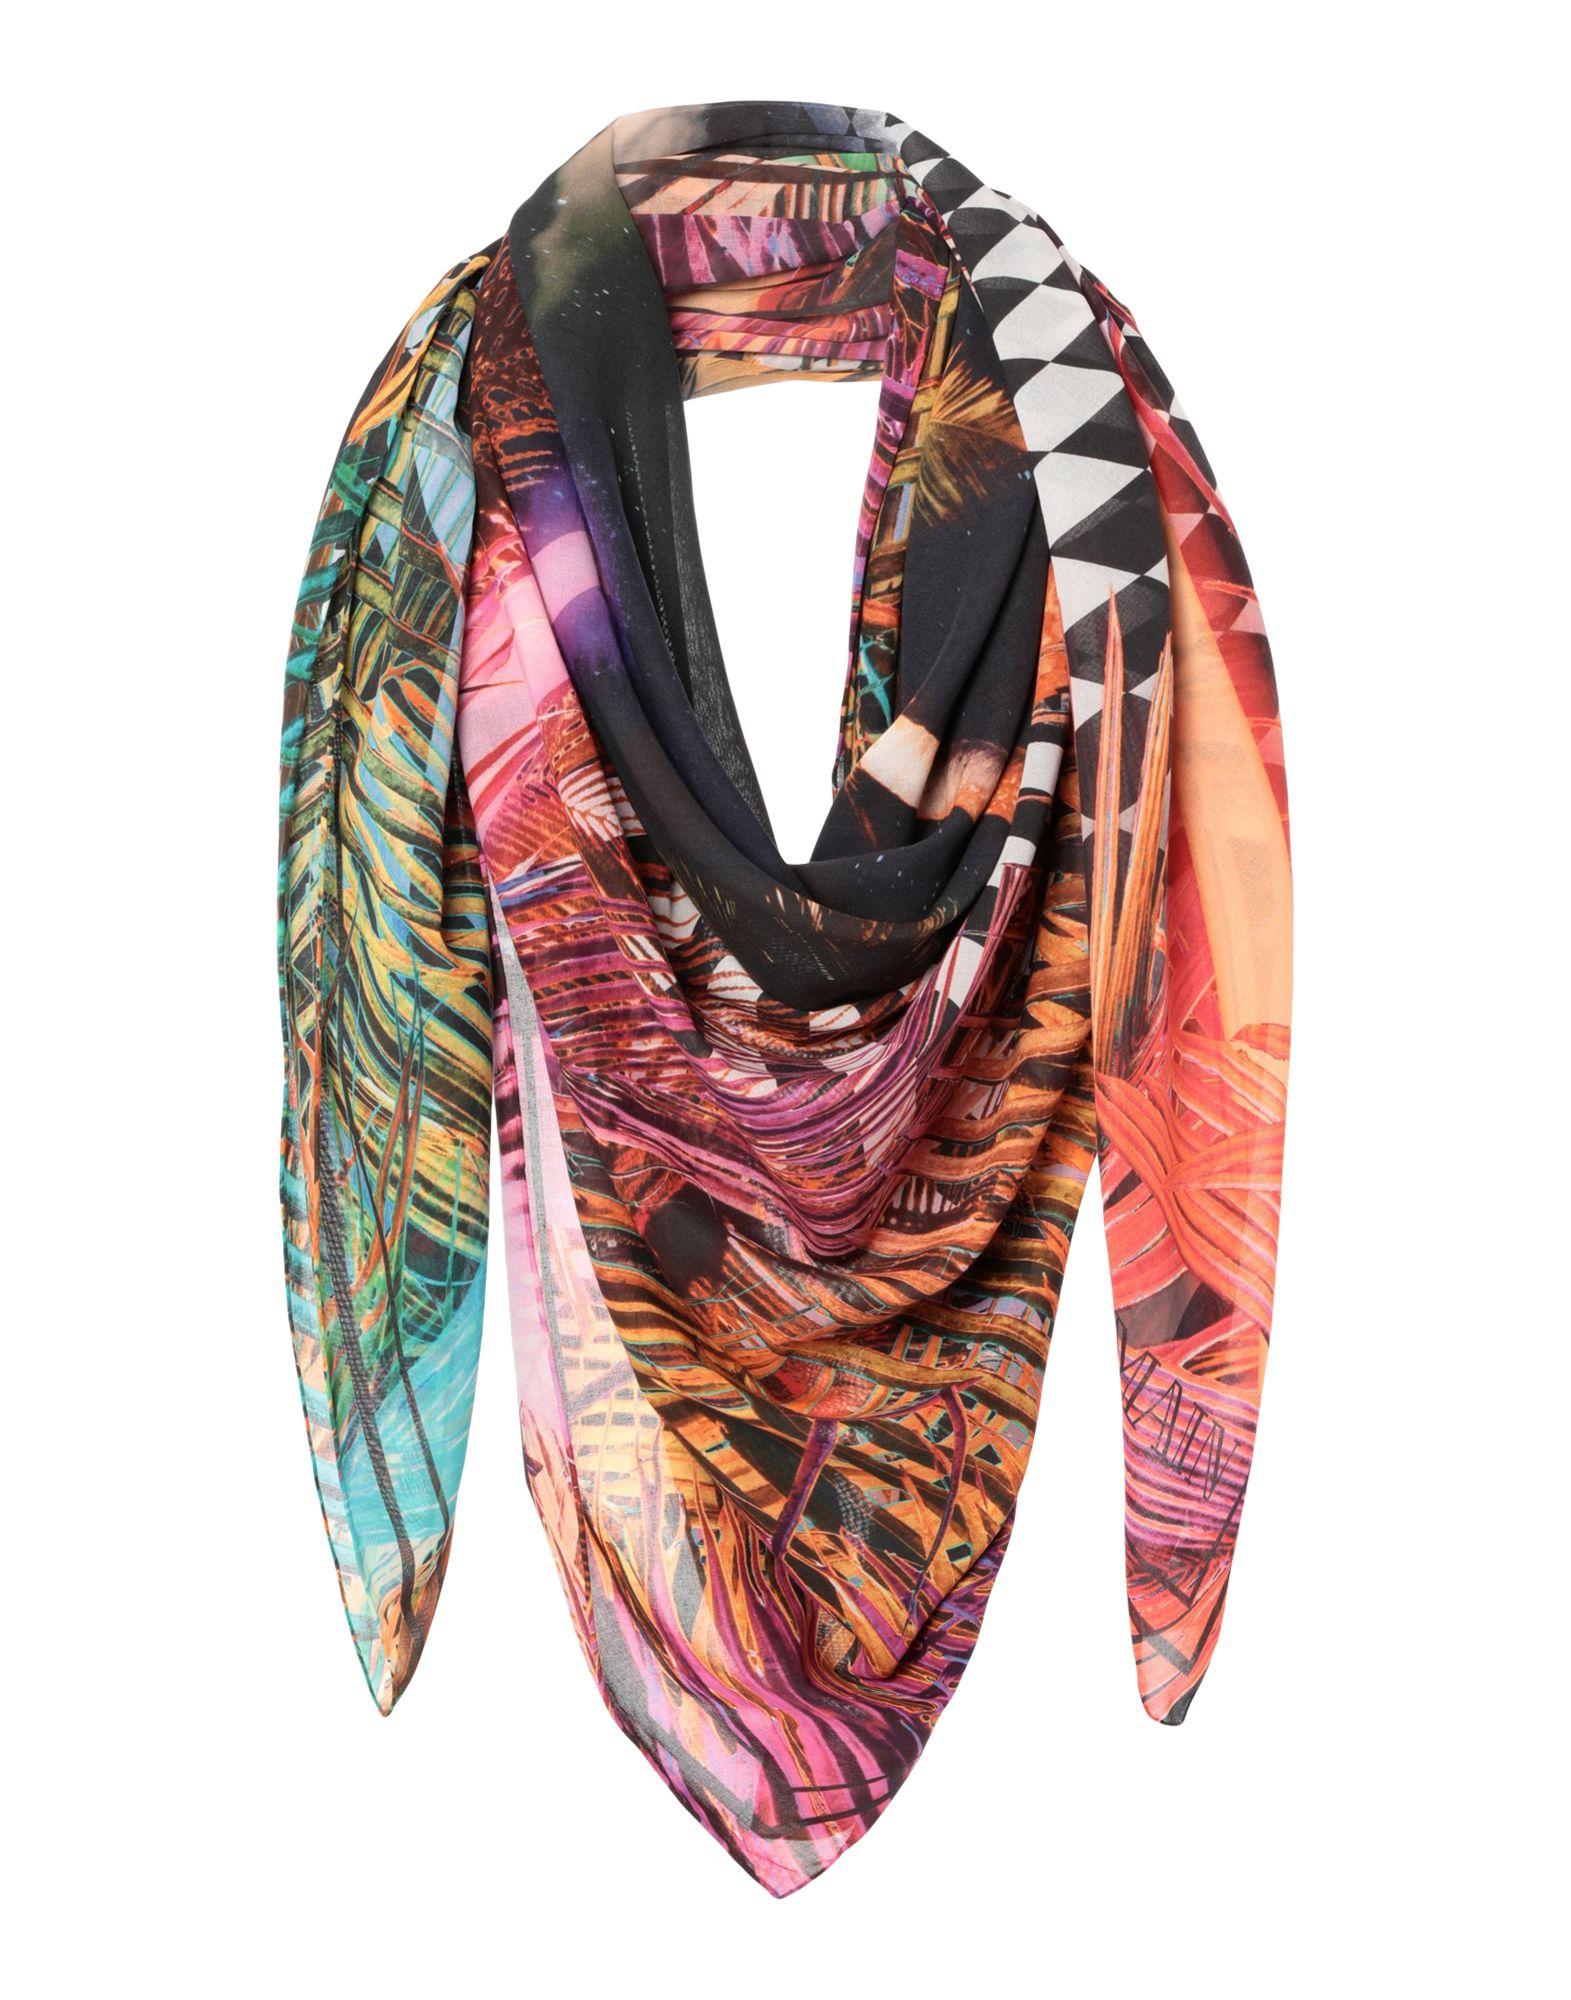 BALMAIN Square scarves. plain weave, logo, multicolor pattern. 100% Cotton